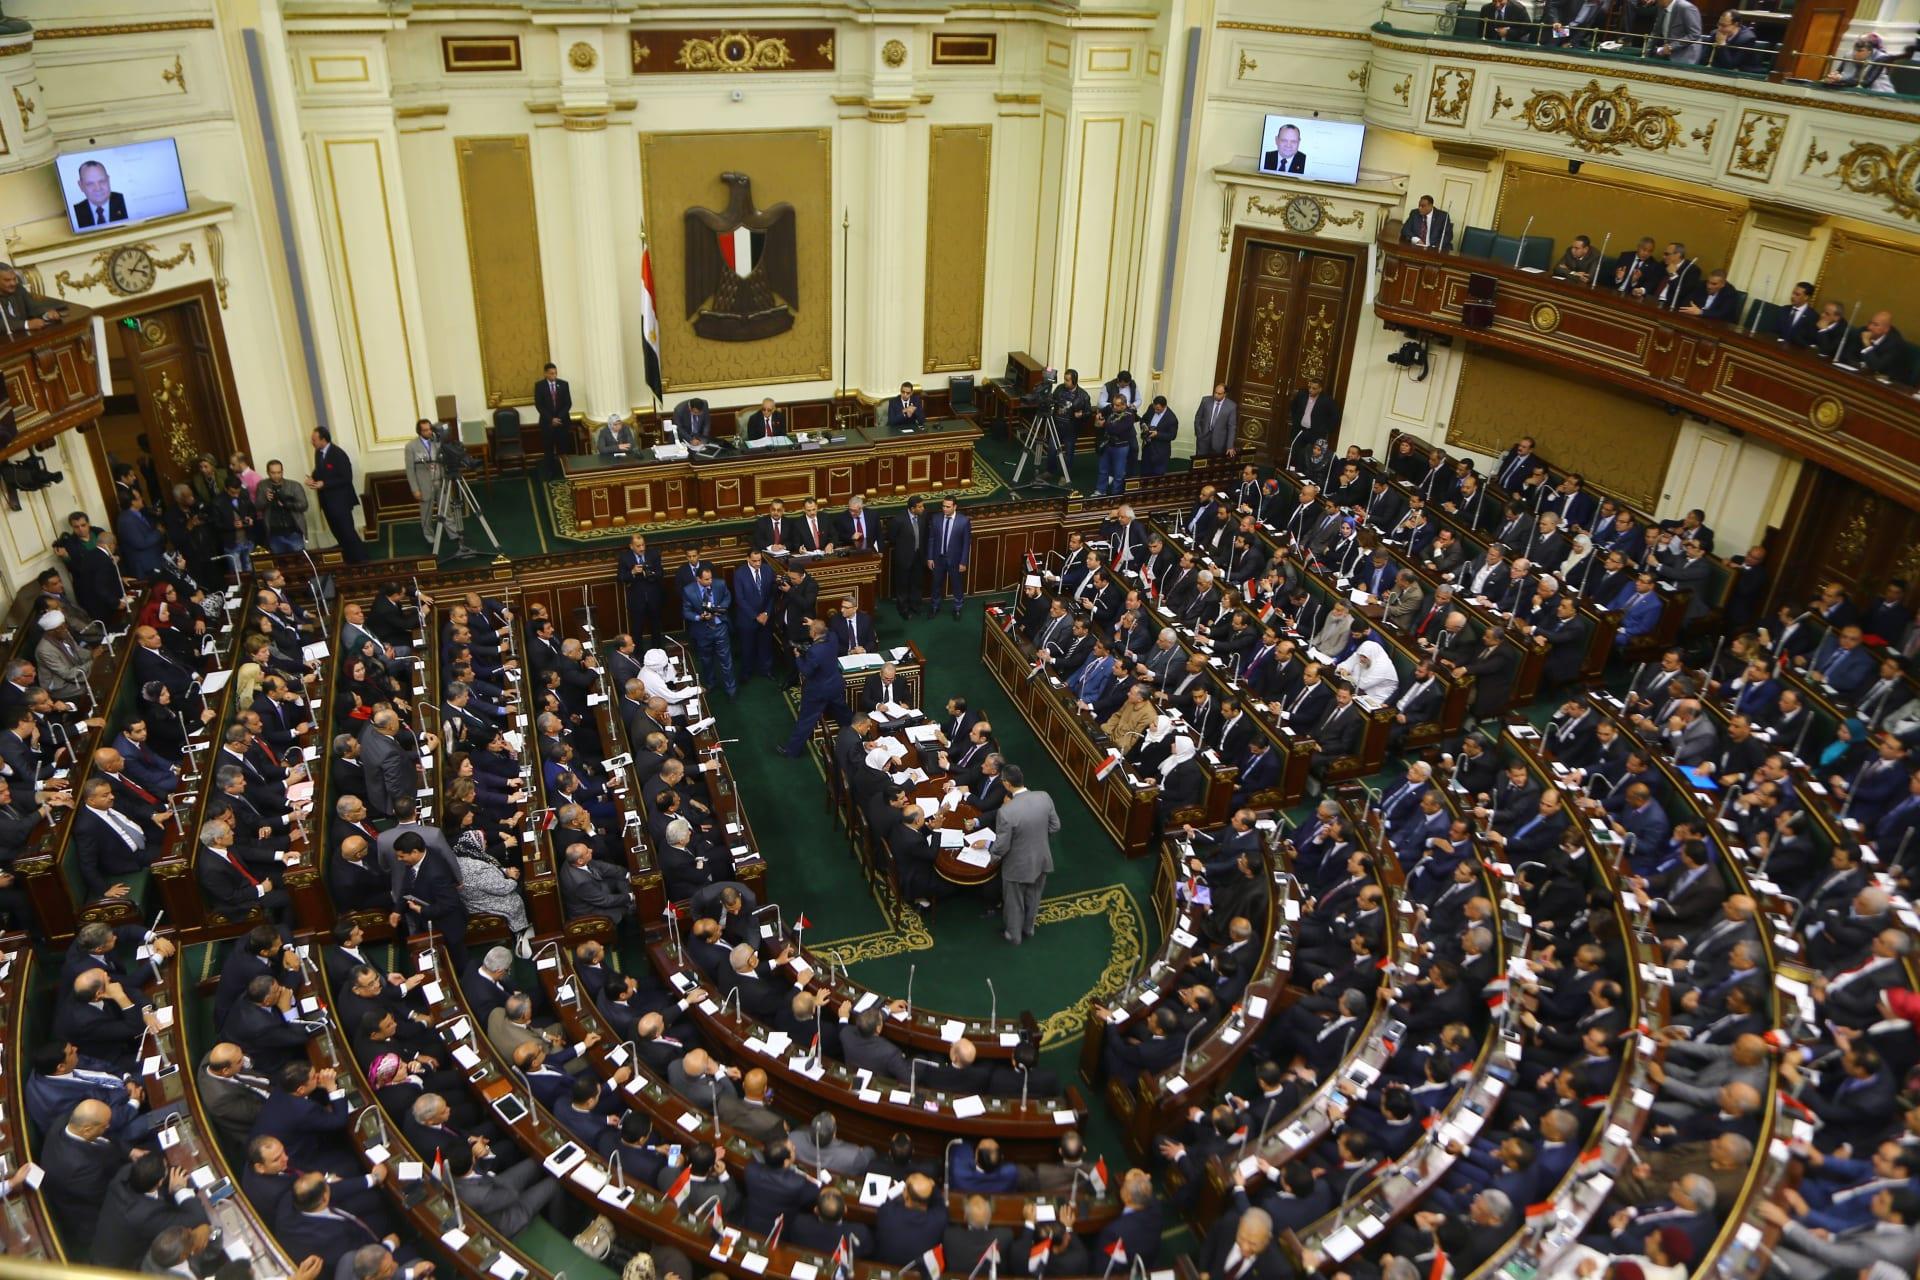 مصر.. أزمة قانون الاستثمار تنتهي بإقرار مجلس النواب النص الجديد